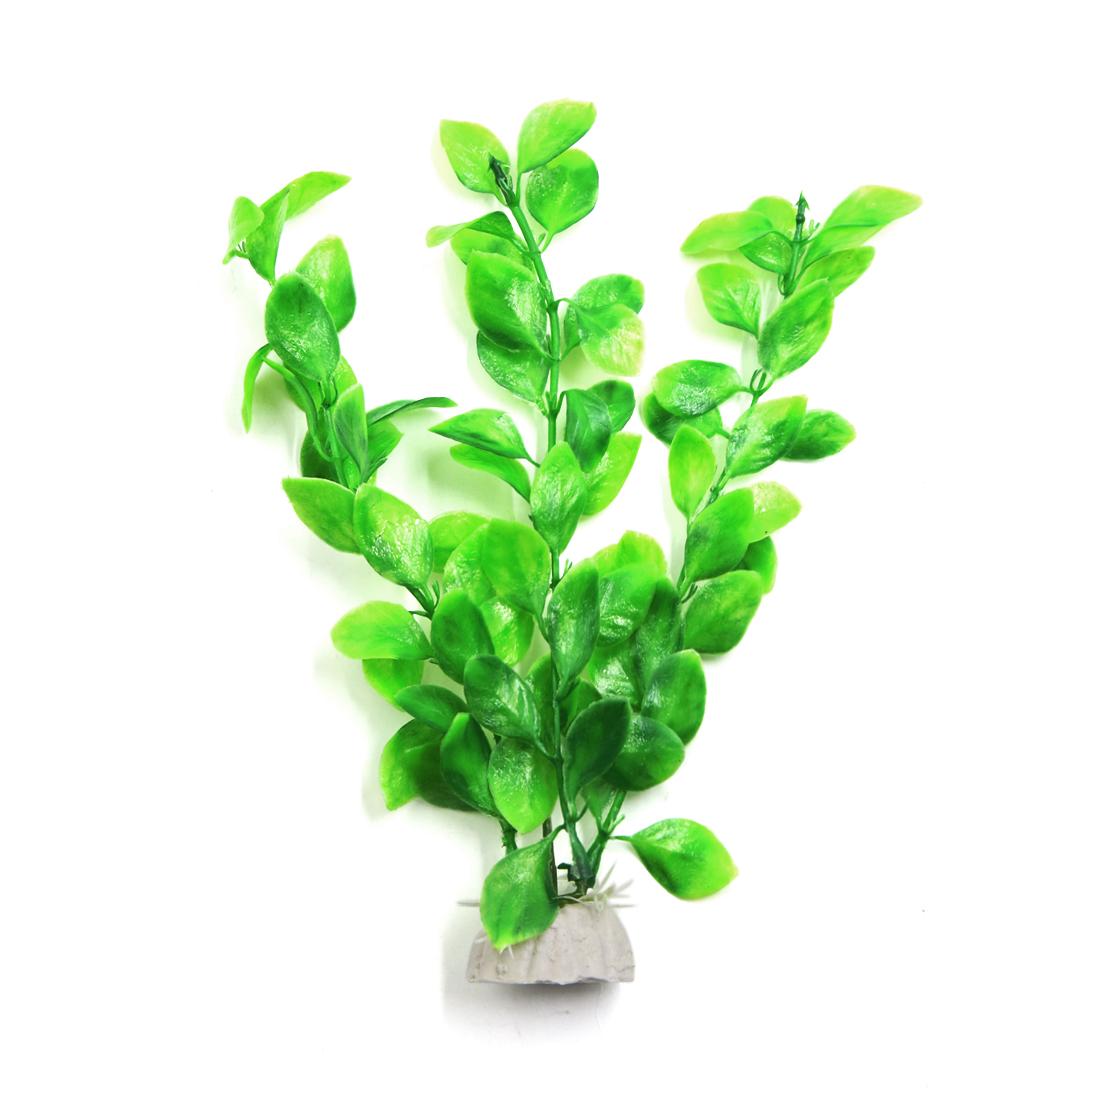 6pcs Aquarium Plantes Ornement Décoratif d'eau Plante Violet - image 1 de 3